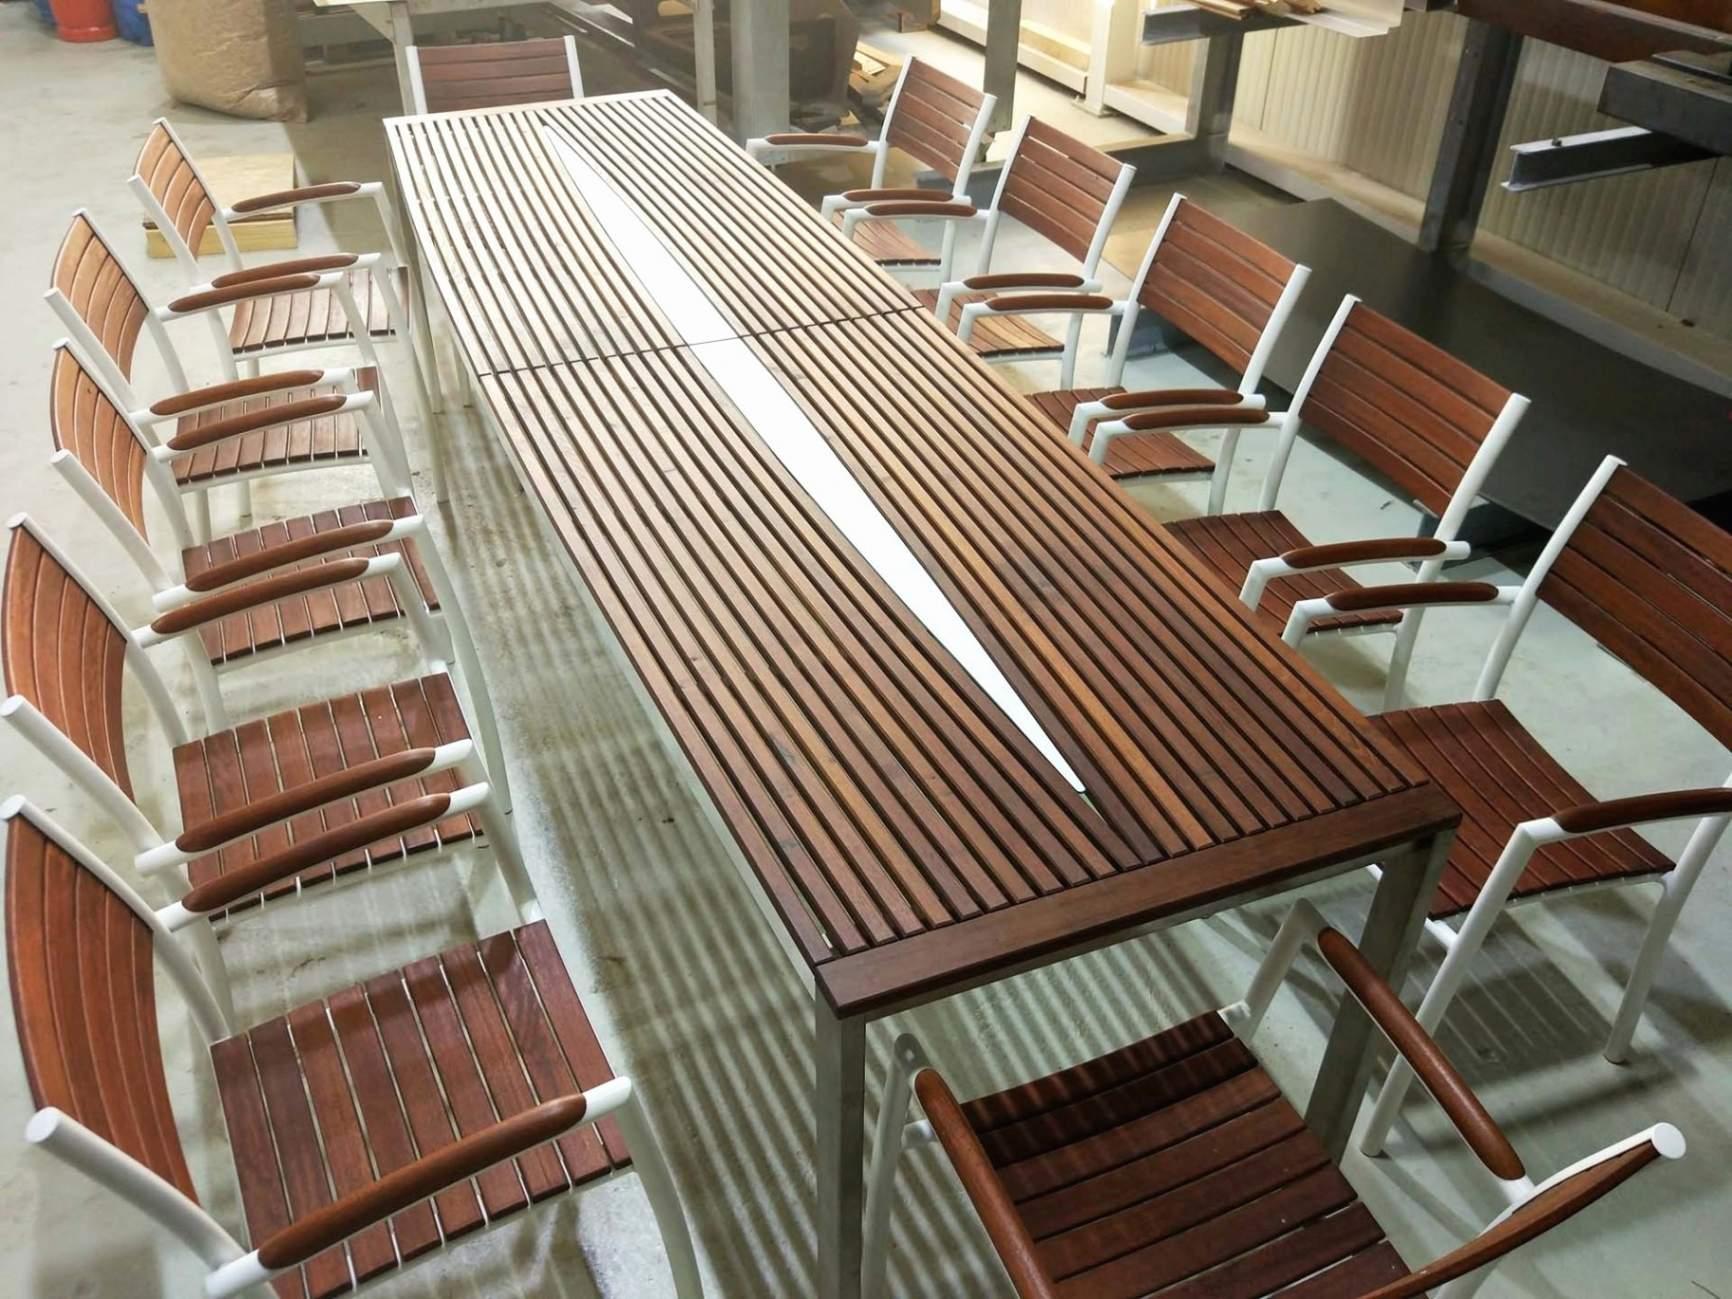 balkon ideen genial esstisch schwarz holz komfort esstisch mit bank bank fur balkon bank fur balkon